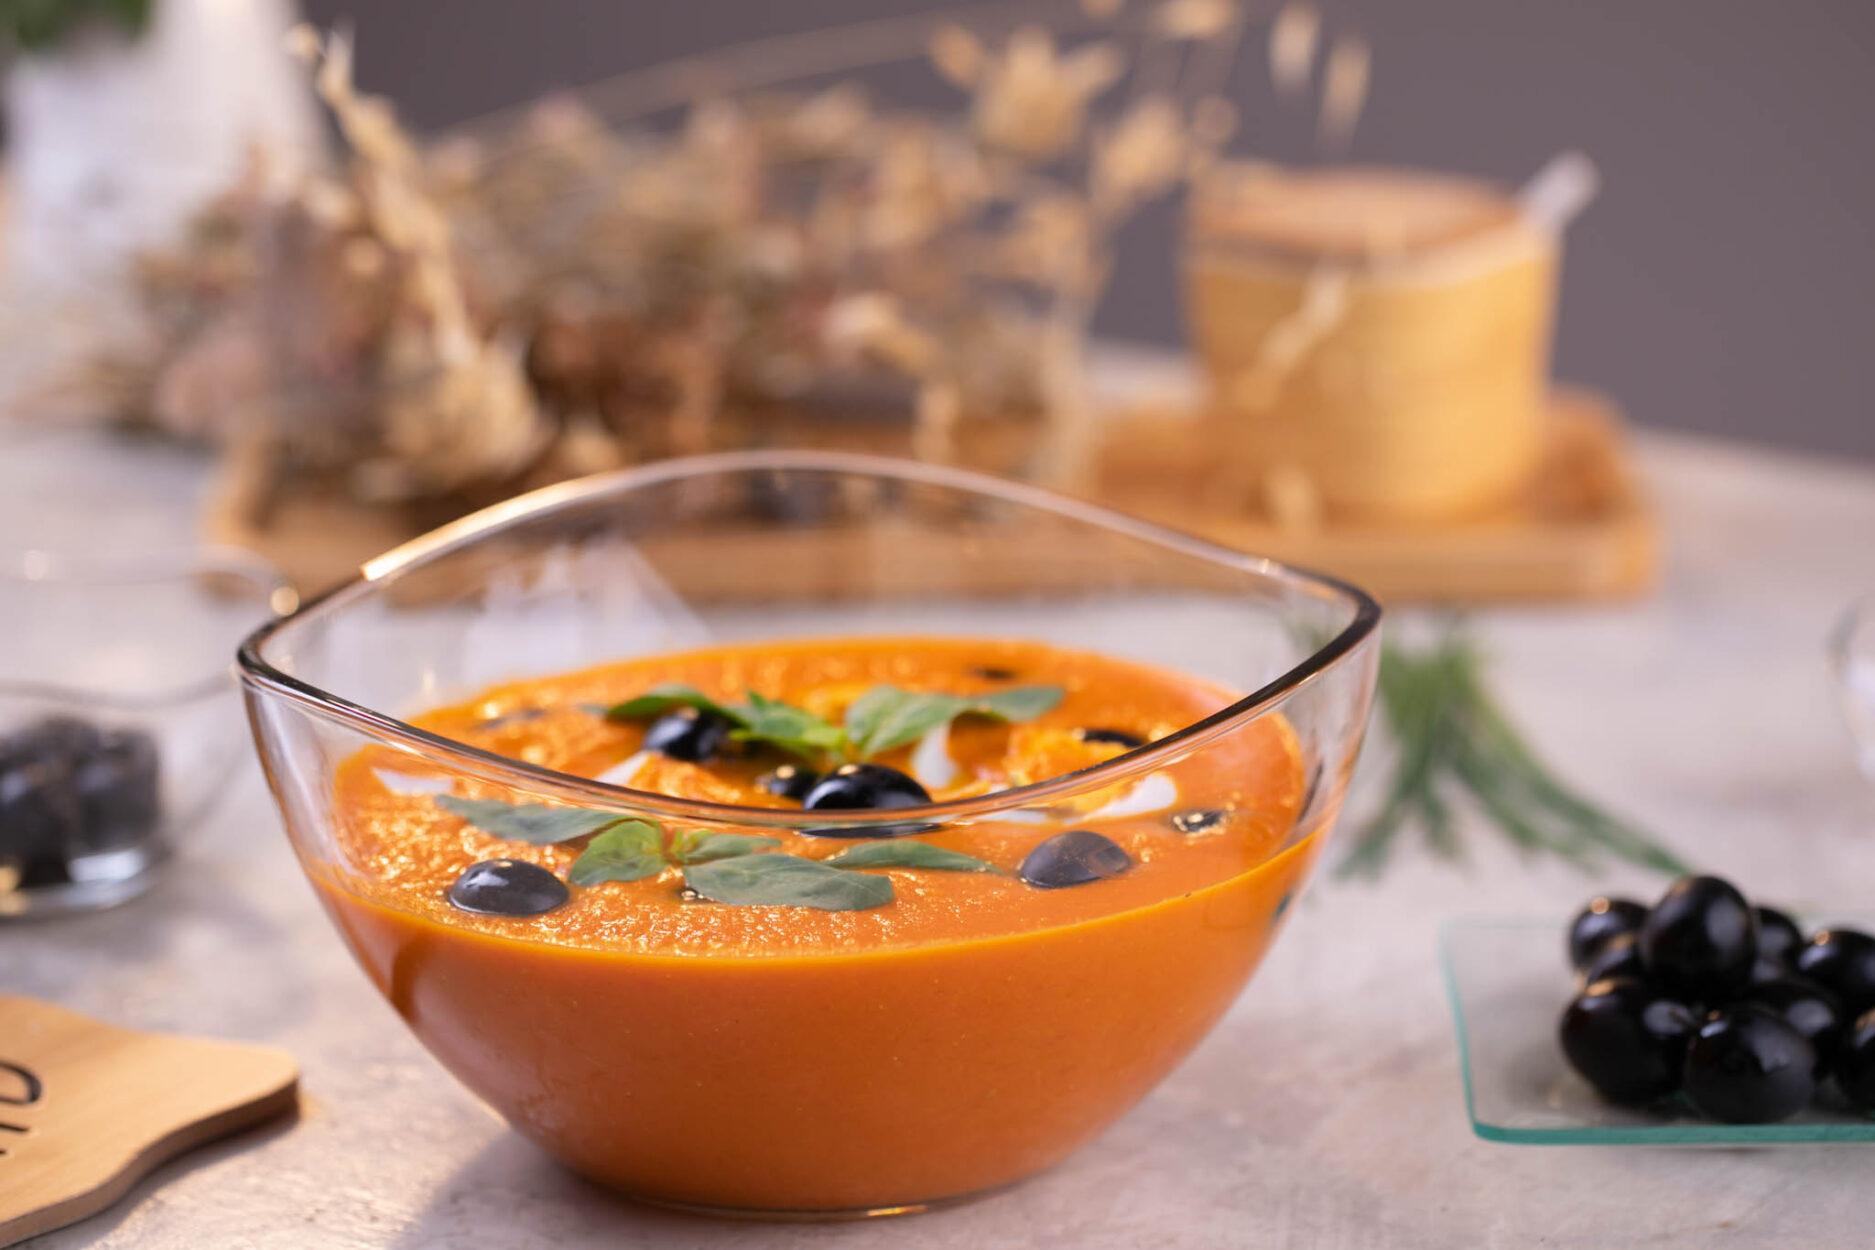 gastronomica-alimentos-nicoletalupuagency (80 of 84)